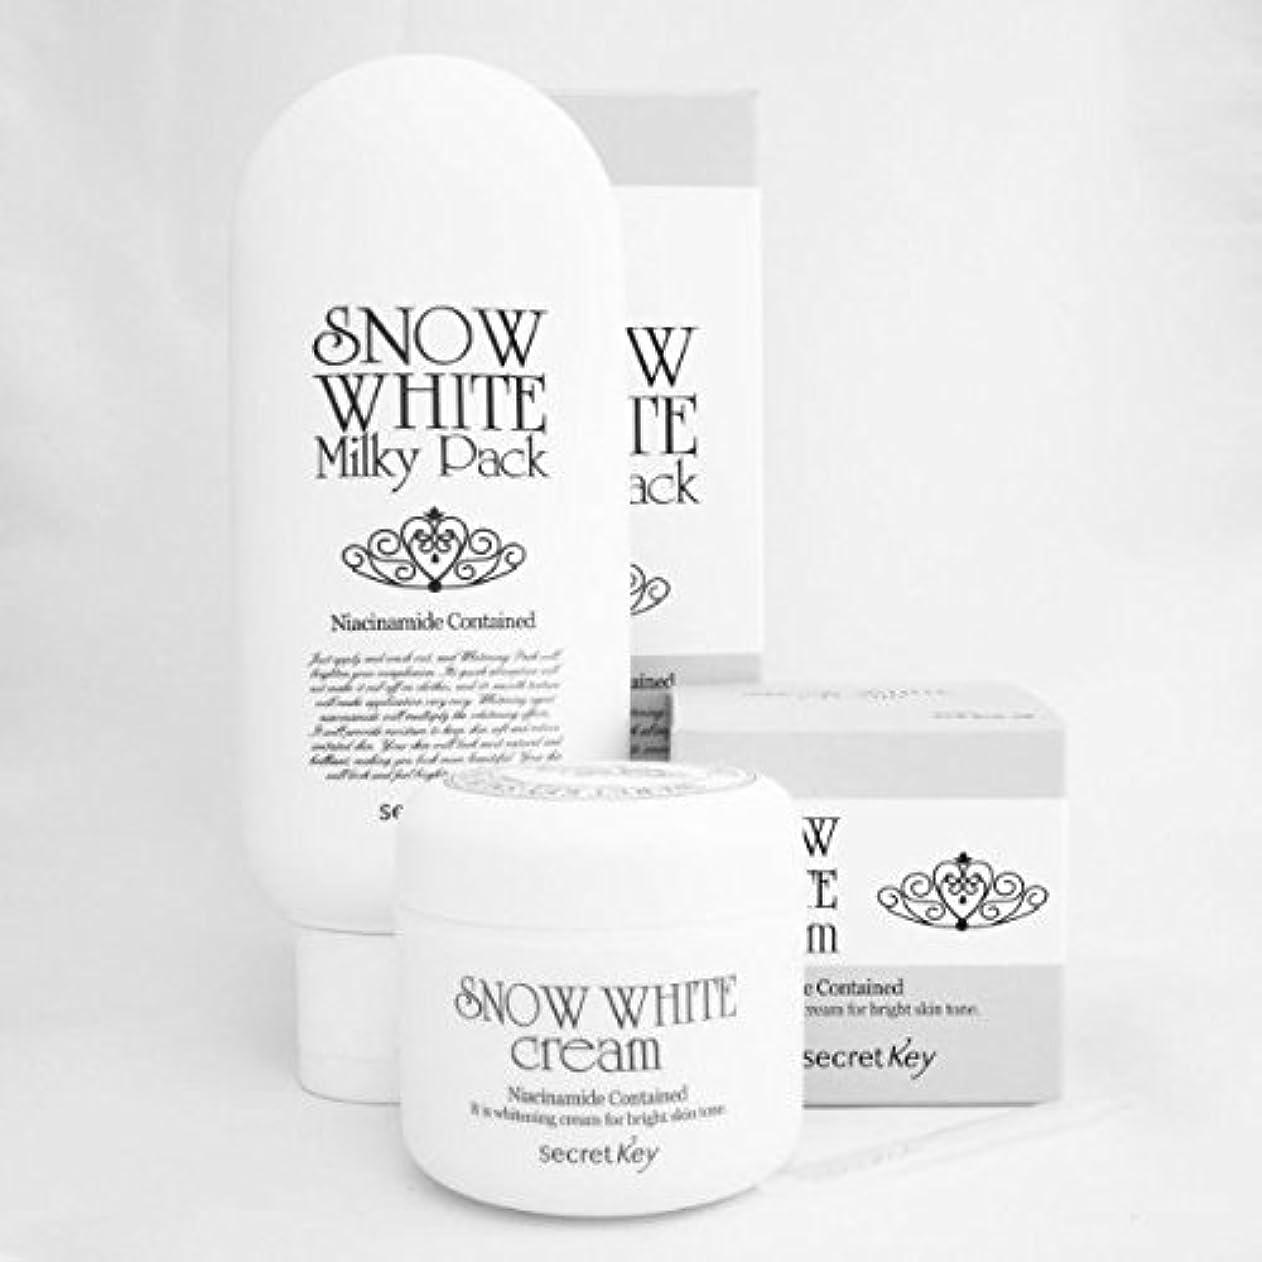 国際鑑定太平洋諸島Secret key シークレッドキー スノー?ホワイト?ミルキー?パック 200g (Snow White Milky Pack)/シークレットキー スノーホワイト クリーム(Snow White Cream 50g)...